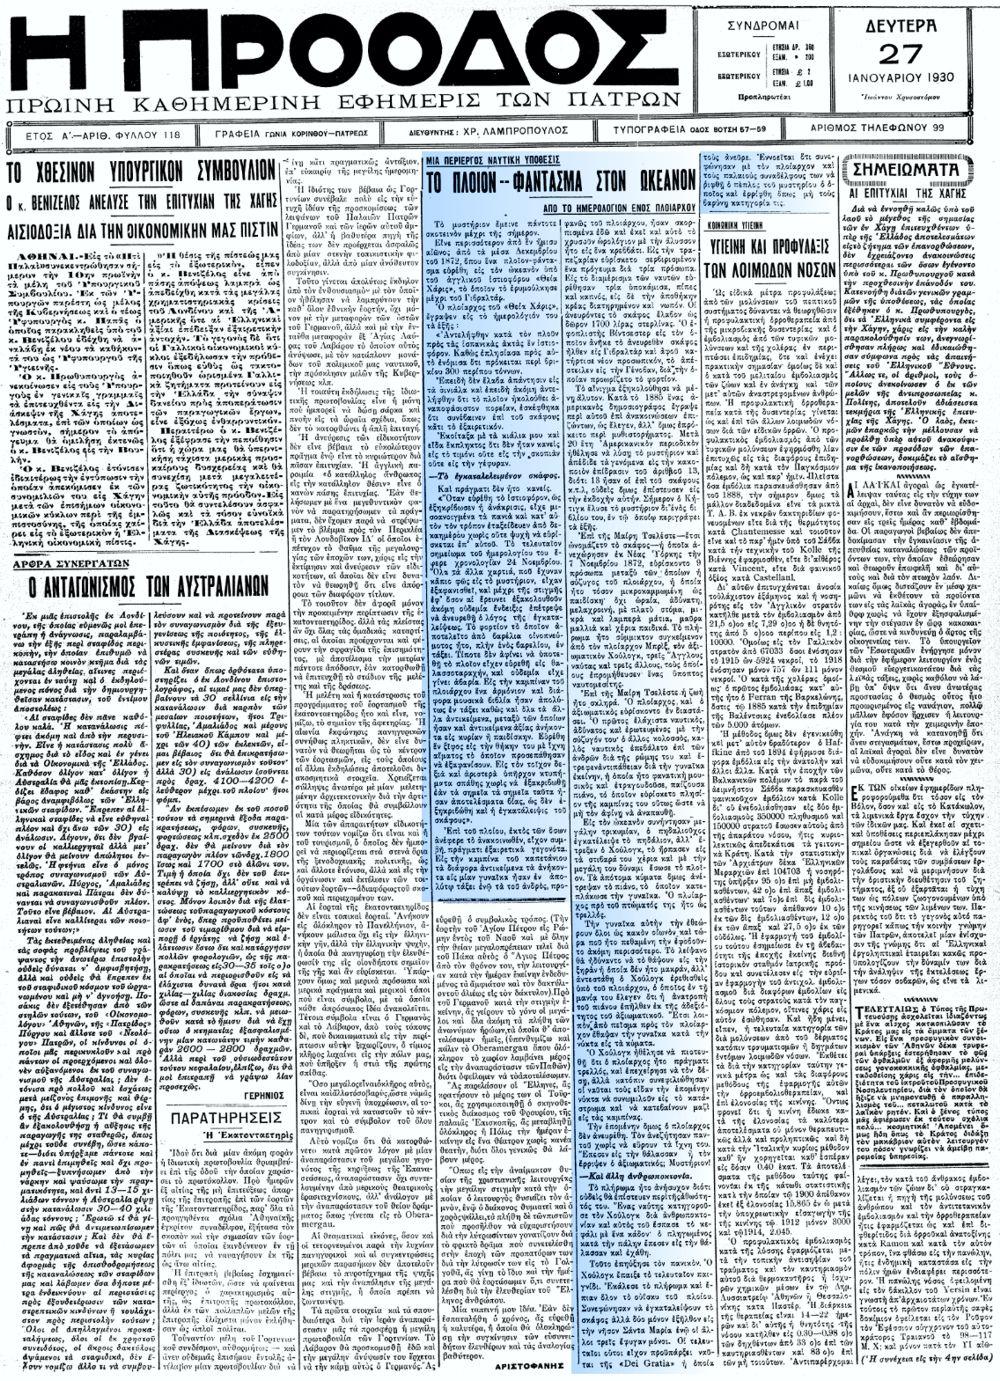 """Το άρθρο, όπως δημοσιεύθηκε στην εφημερίδα """"Η ΠΡΟΟΔΟΣ"""", στις 27/01/1930"""